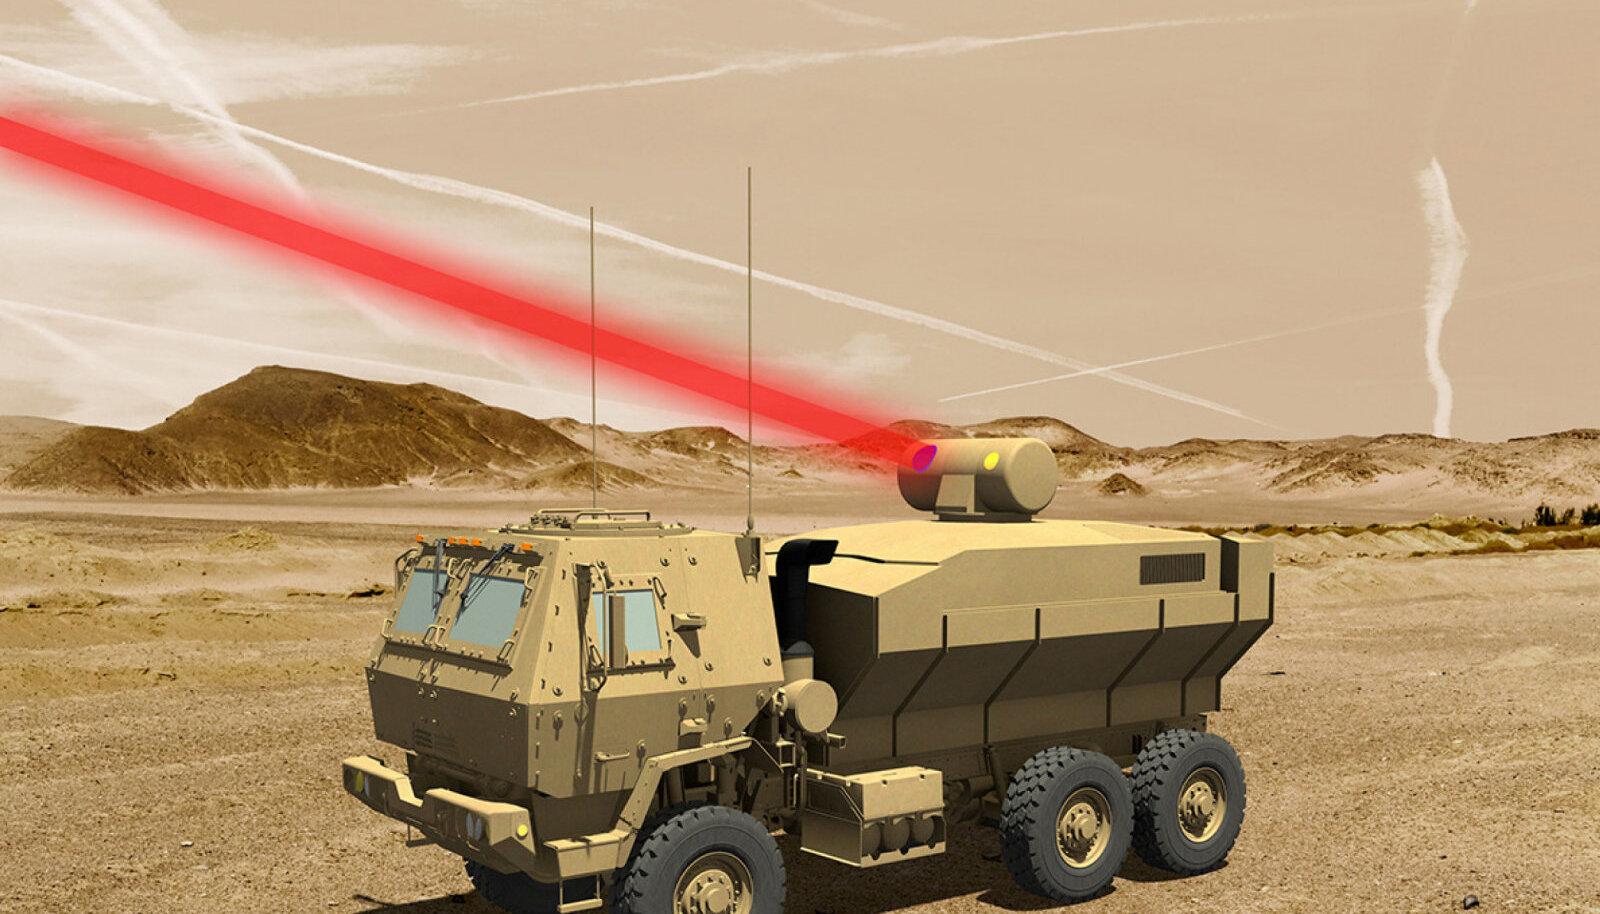 Mobiilne 60 kW laserkahur. Kujutis: Lockheed Martin